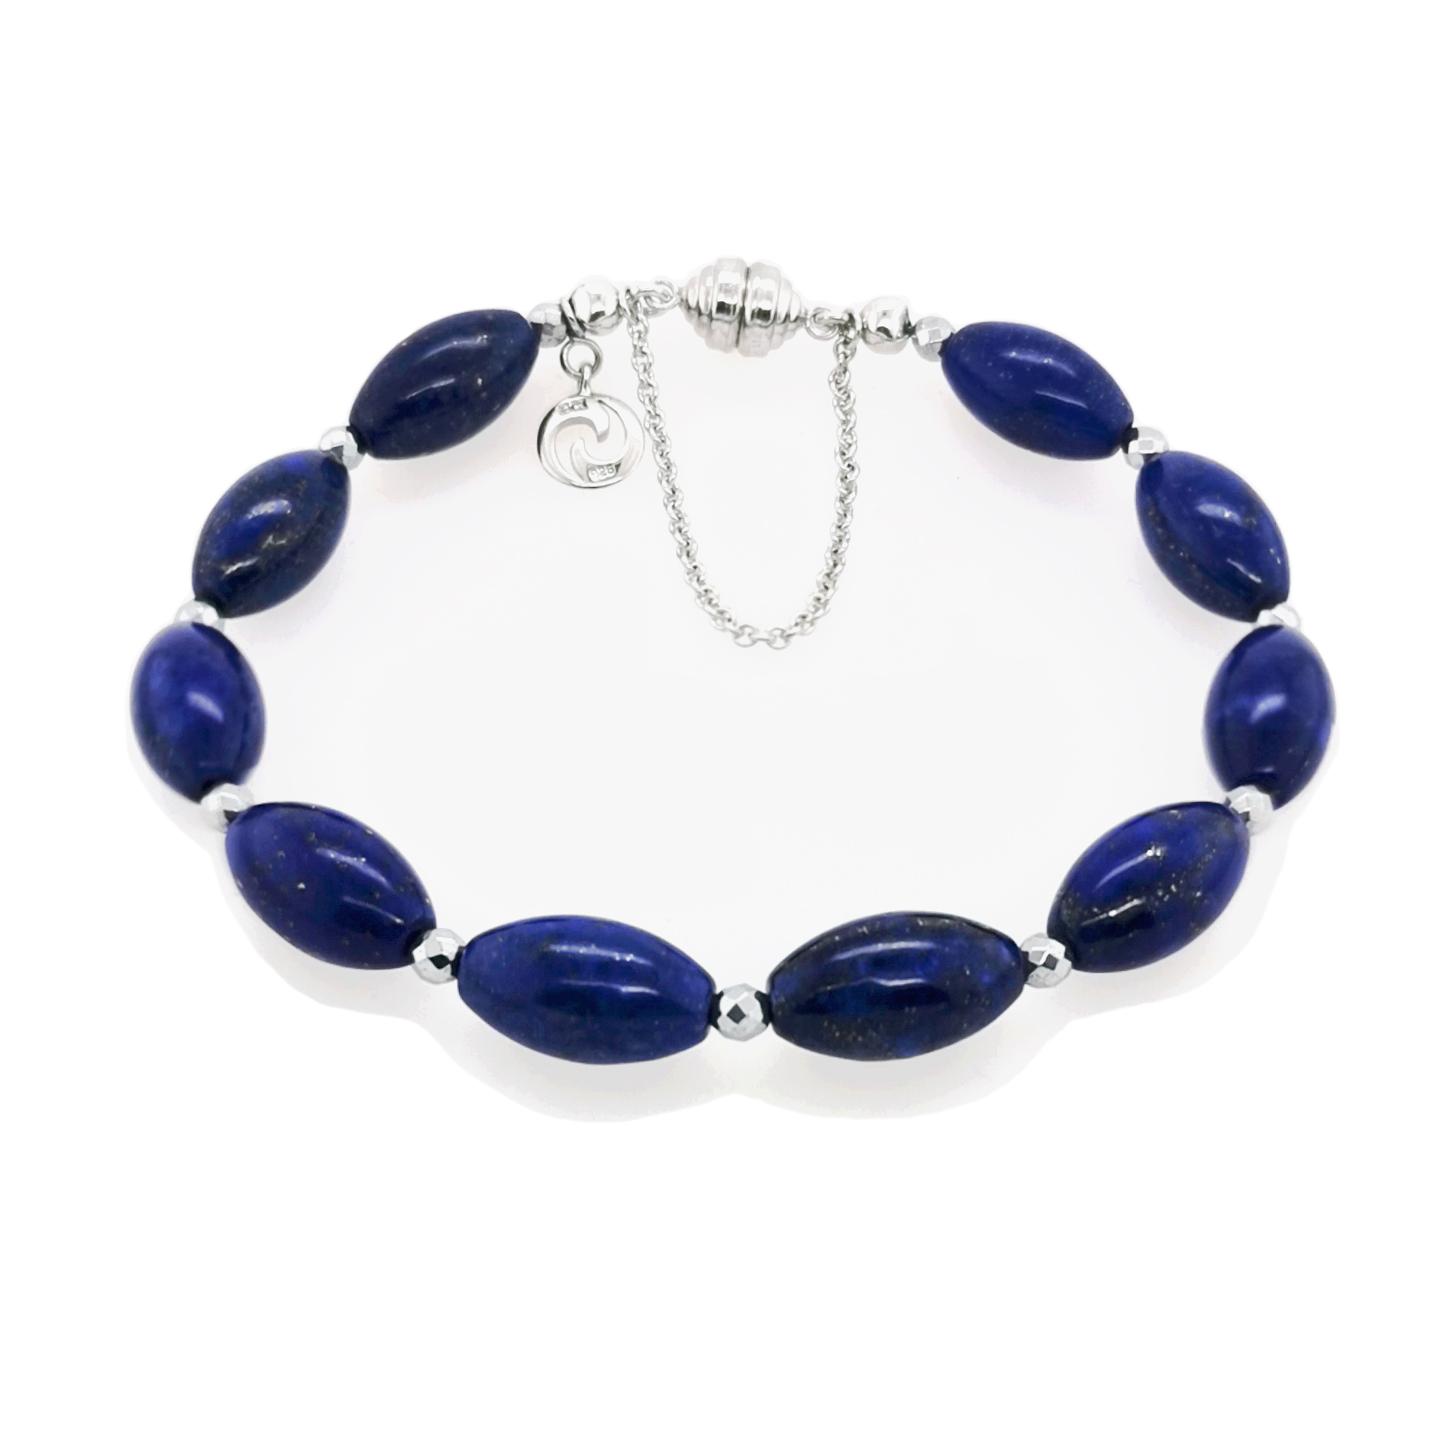 Lapis Lazuli & silvercoated Pyrit Edelstein Gesamtgewicht ca. 81 ct Armband mit Magnetschließe Carat 3000, 925 Sterling Silber rhodiniert